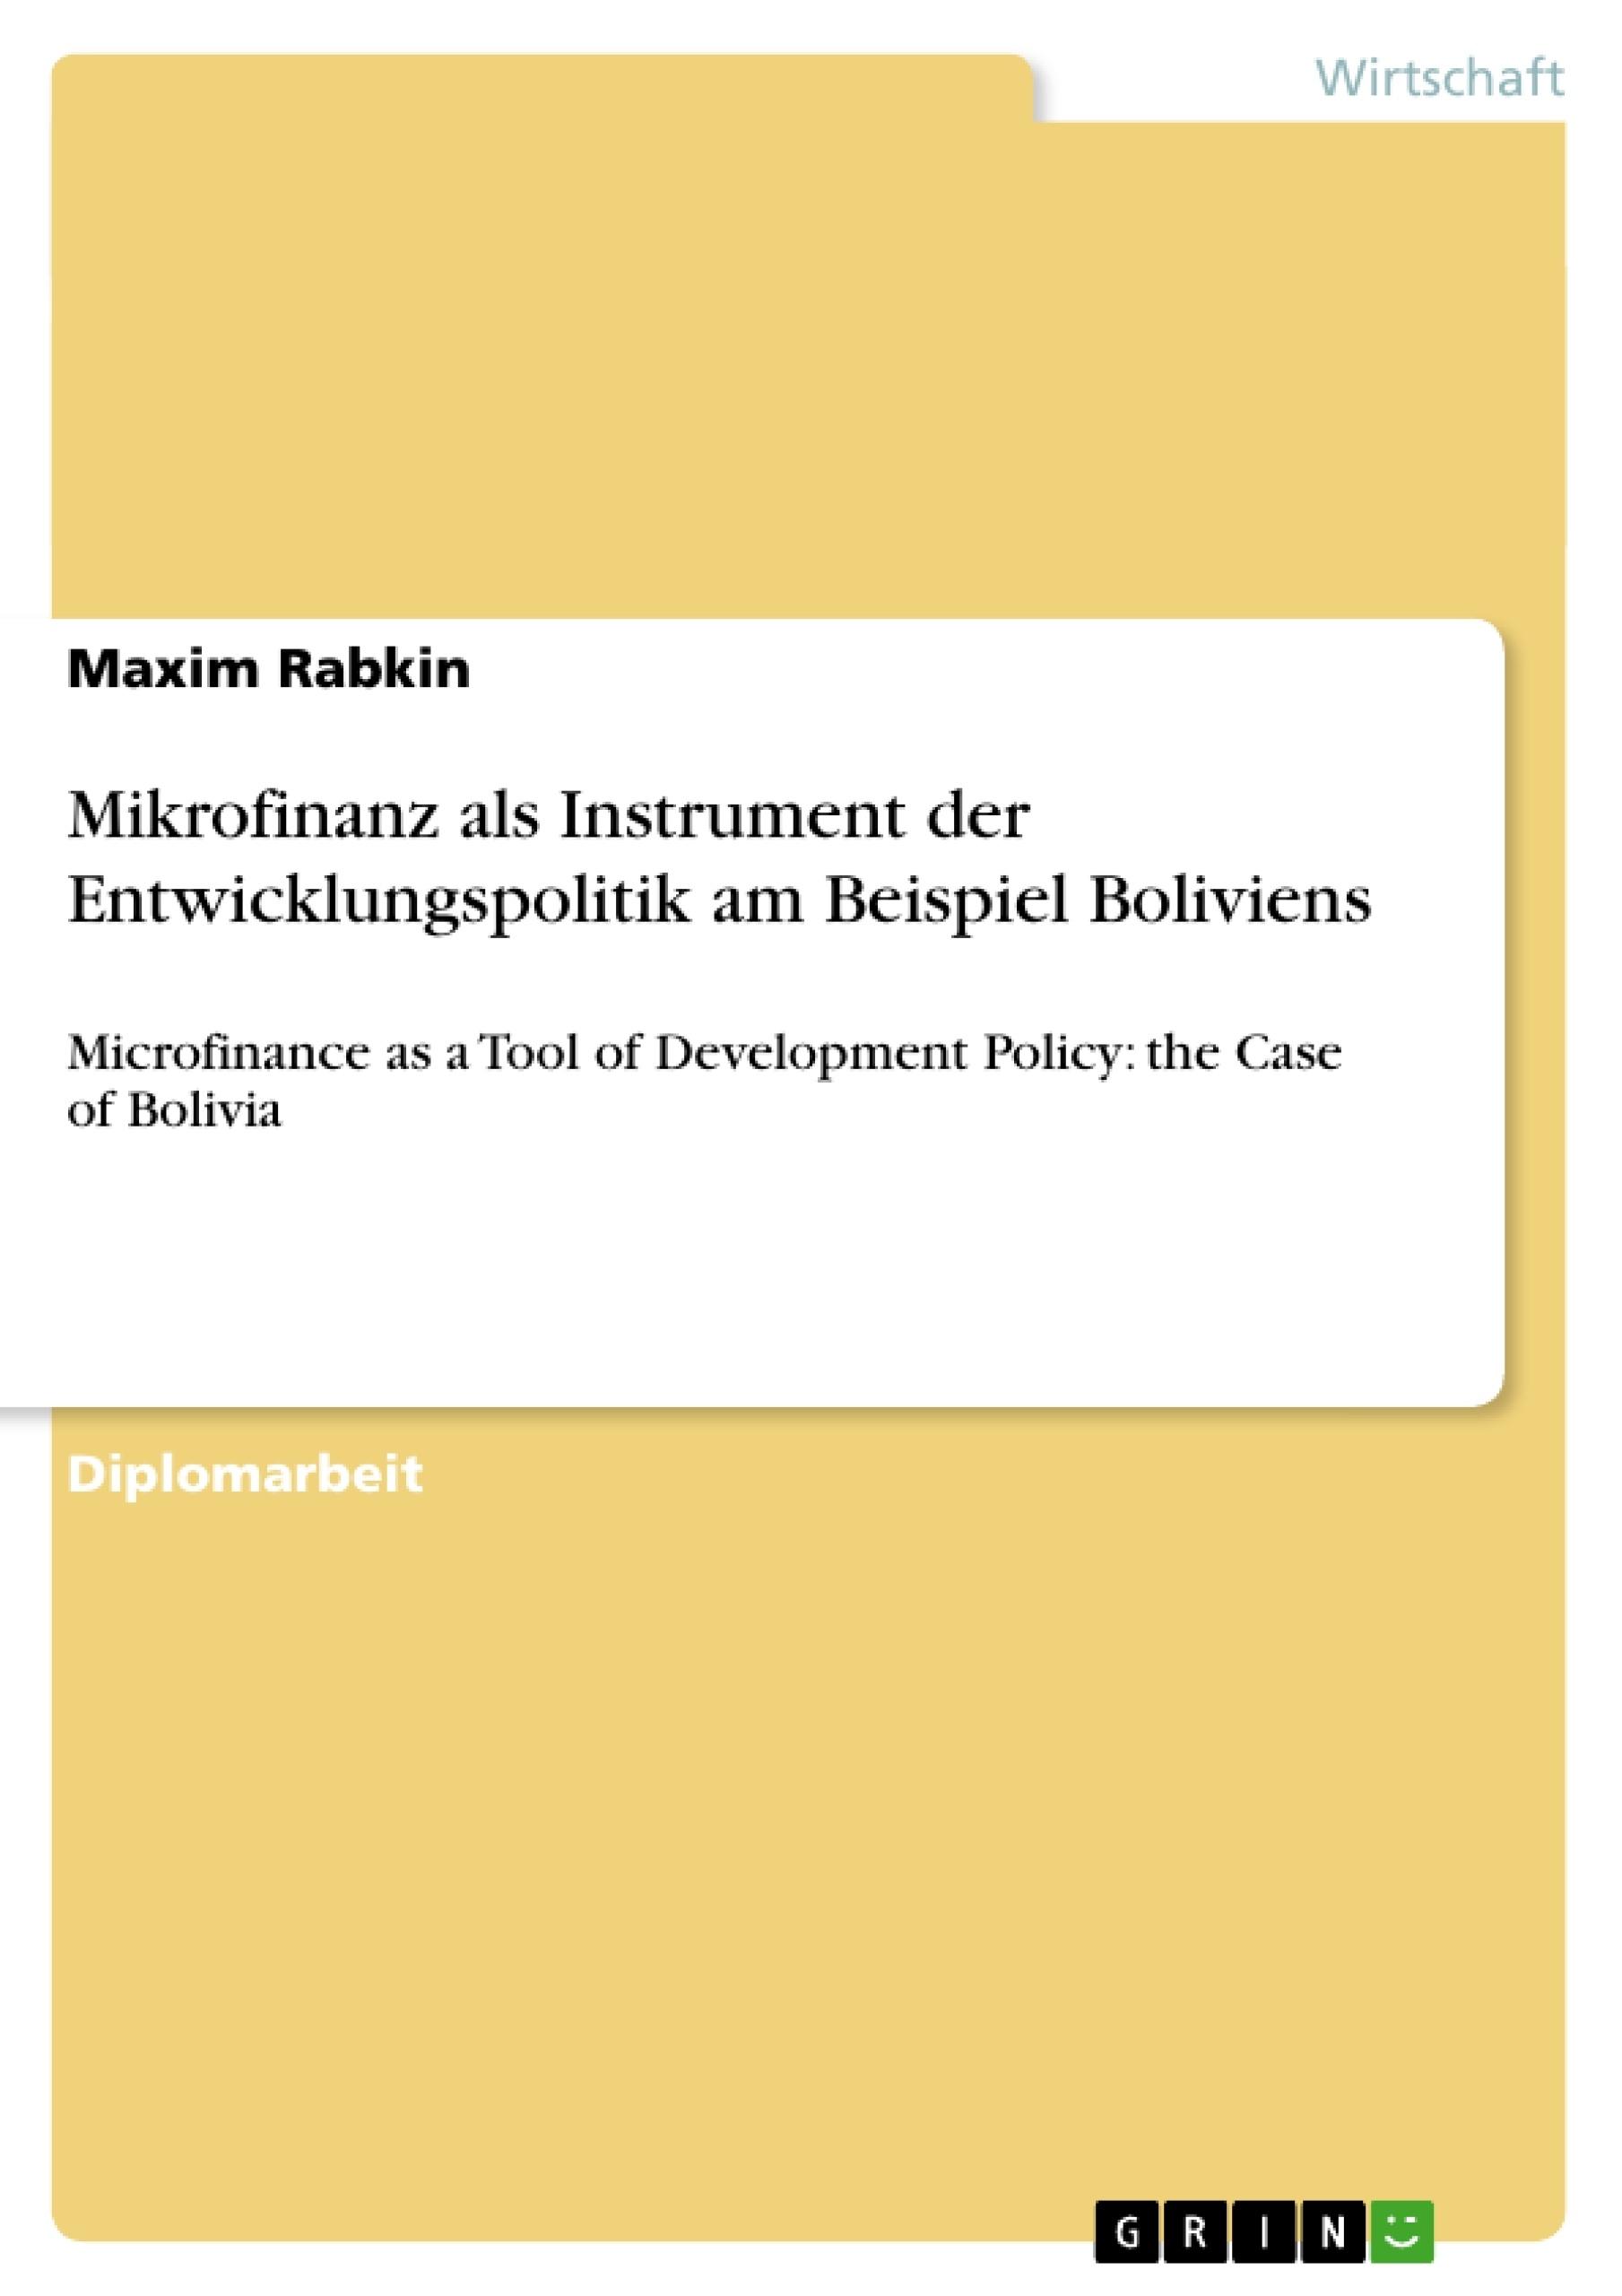 Titel: Mikrofinanz als Instrument der Entwicklungspolitik am Beispiel Boliviens